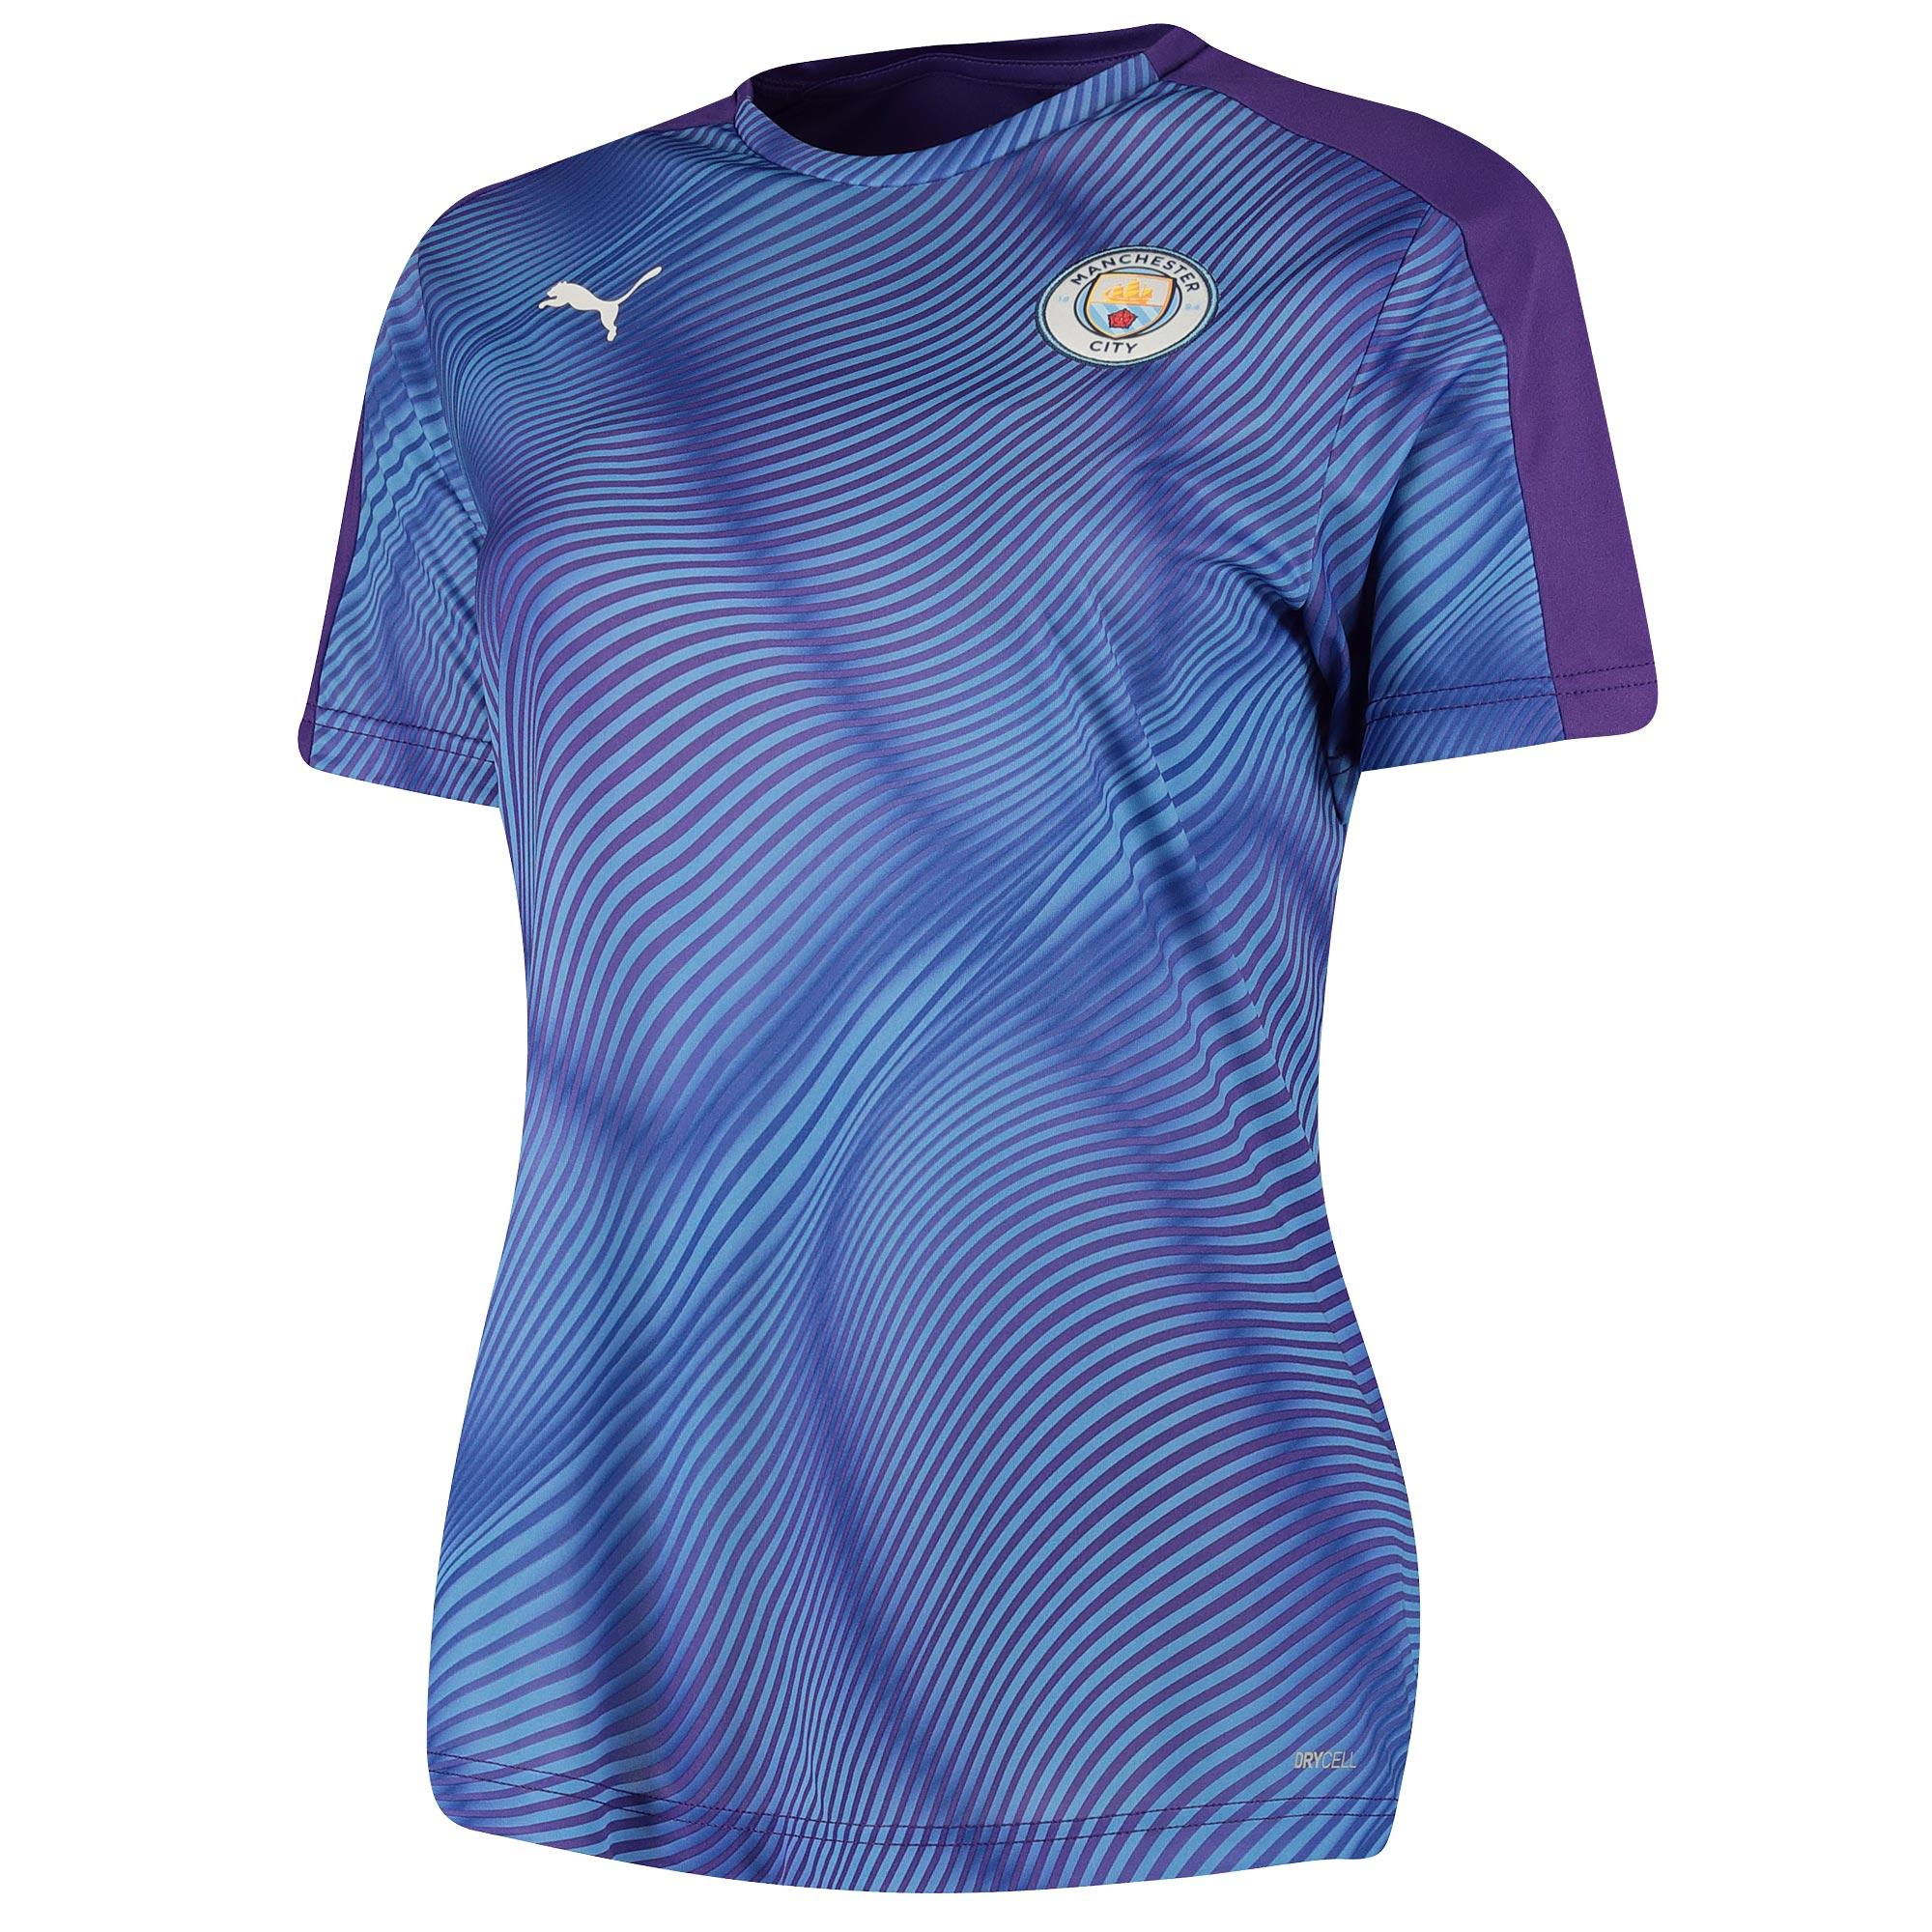 Jersey con el estadio del Manchester City - púrpura - mujer